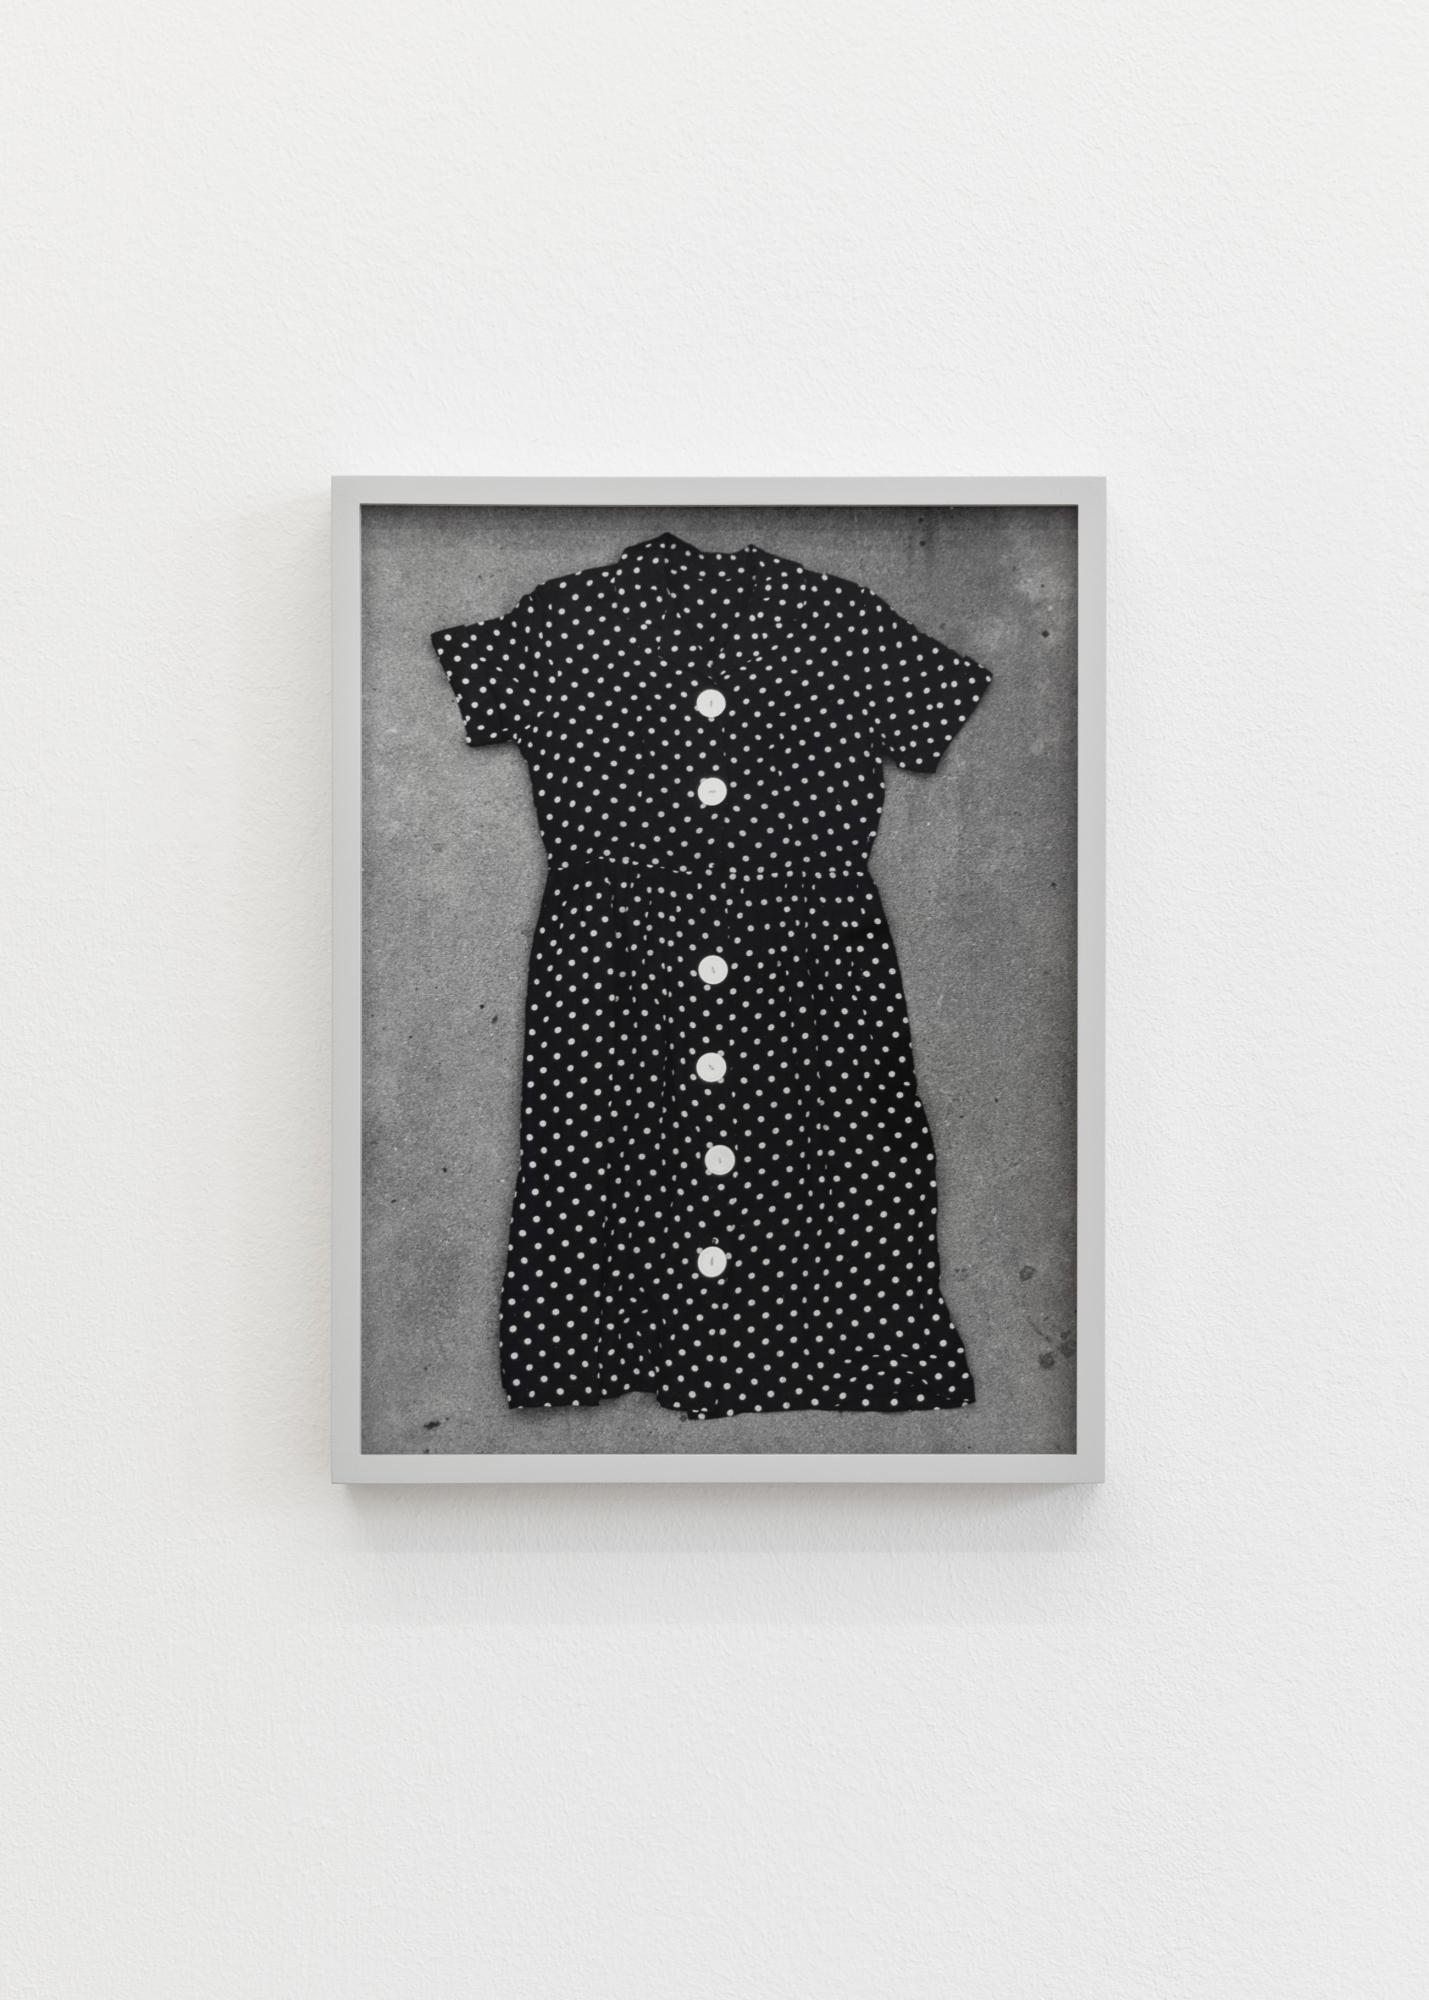 D'Ette Nogle, /Dresses 8/, 1996, framed gelatin silver print,35.2 x 27 cm